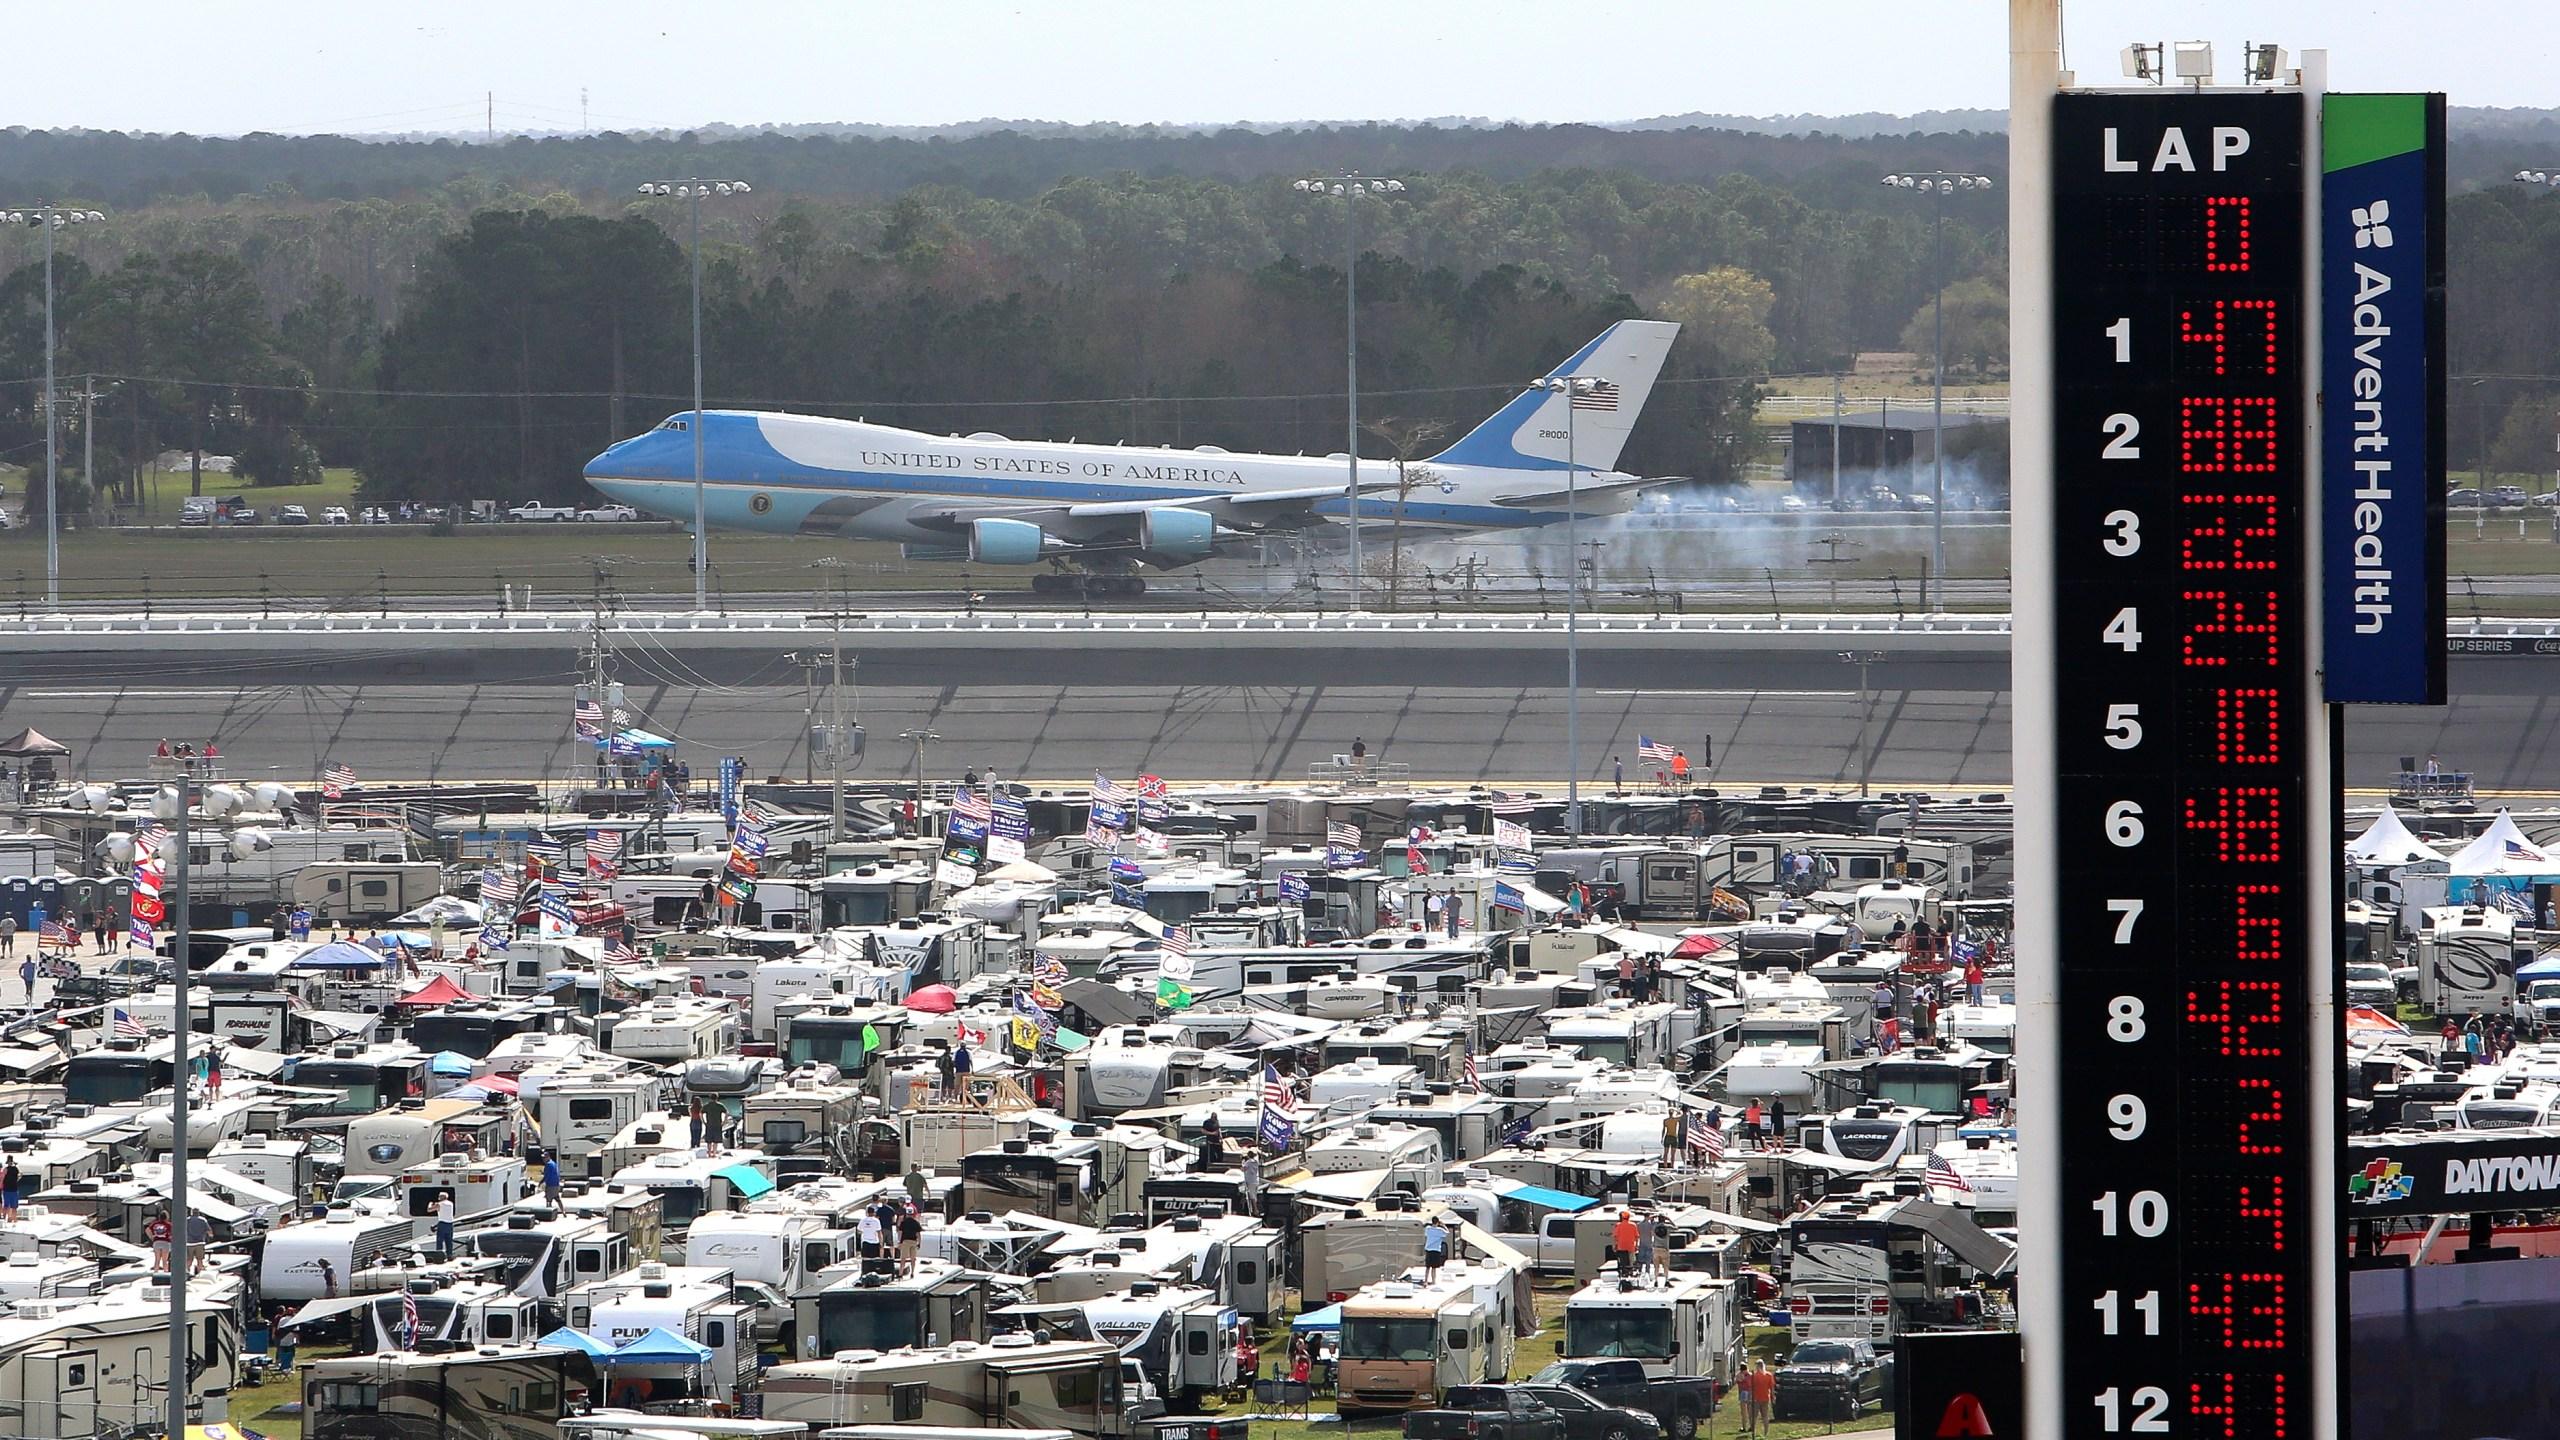 Rain Postpones Daytona 500 Dampening Event Trump S Visit Wvns